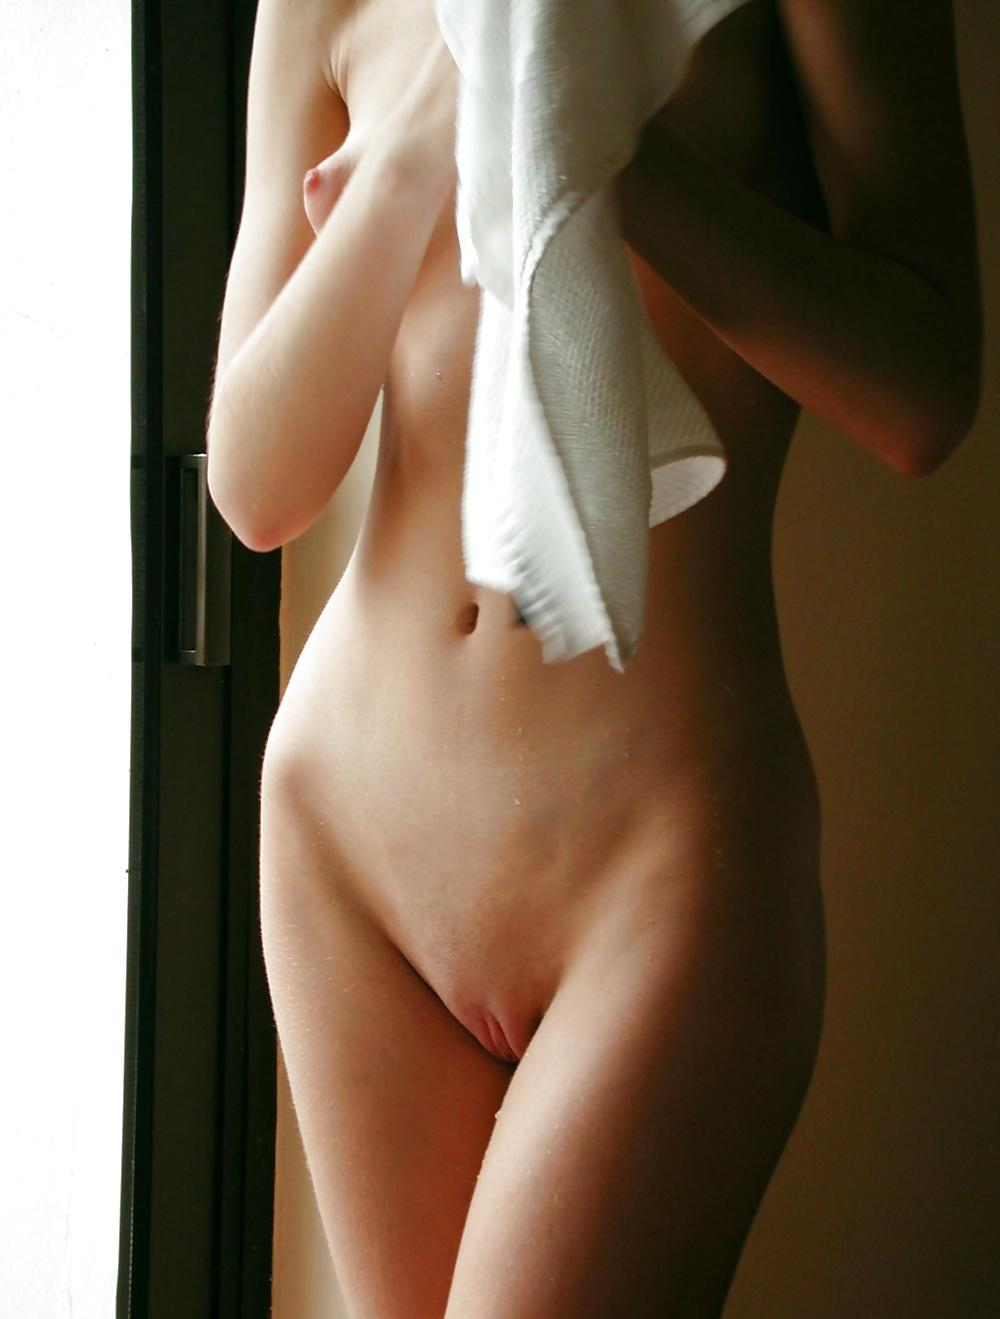 Unentgeltliche Bilder von nackten schamlosen Jugendliche